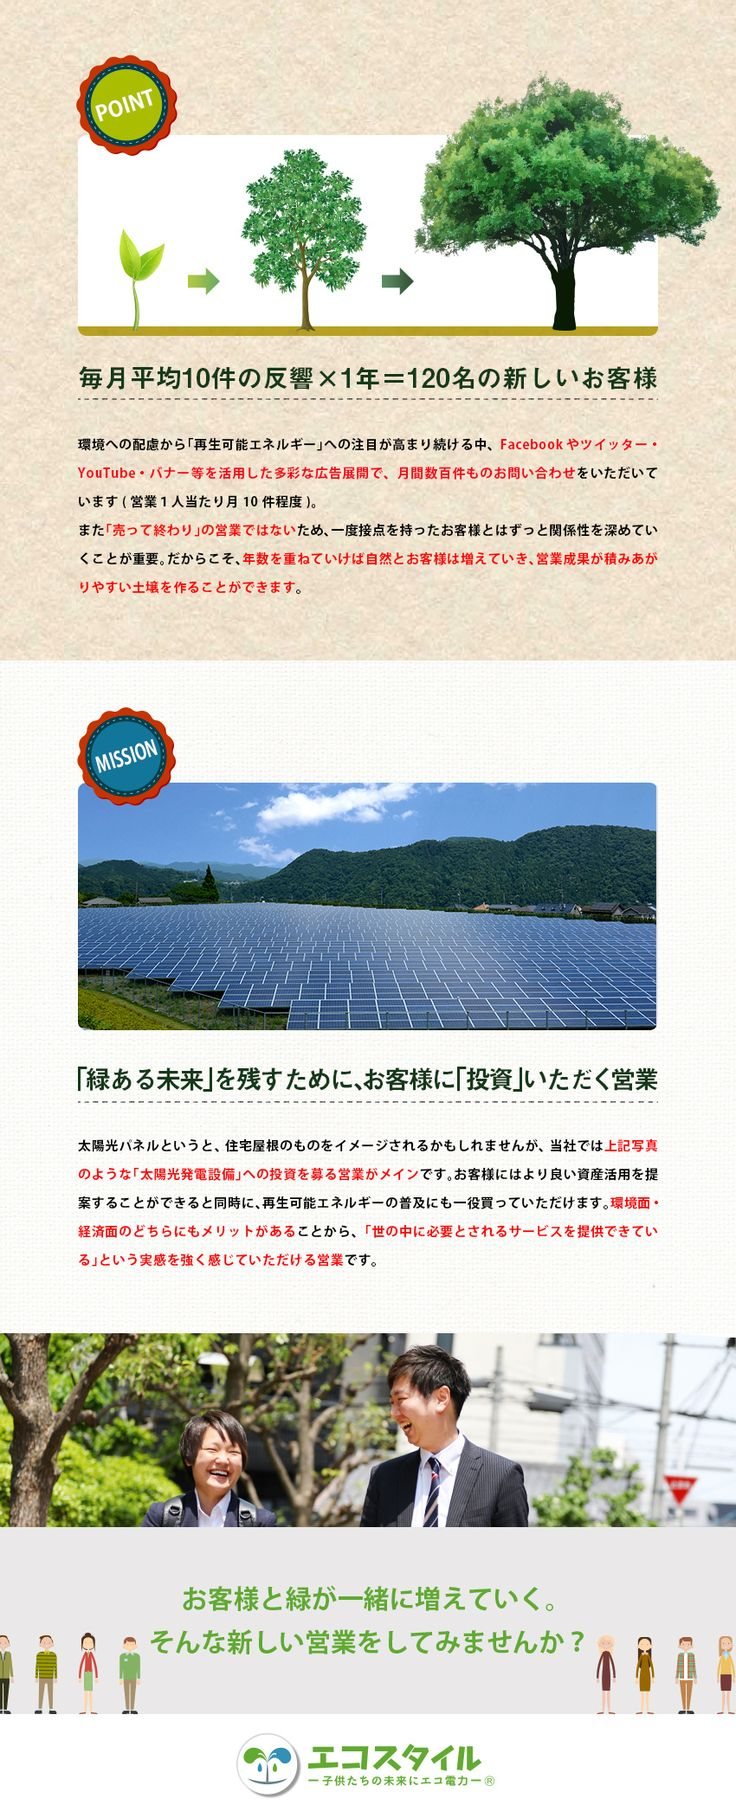 株式会社エコスタイル/再生可能エネルギー(投資用・産業用太陽光パネル)の反響営業/月給28万以上/年間休日120日(土日)の求人PR - 転職ならDODA(デューダ)